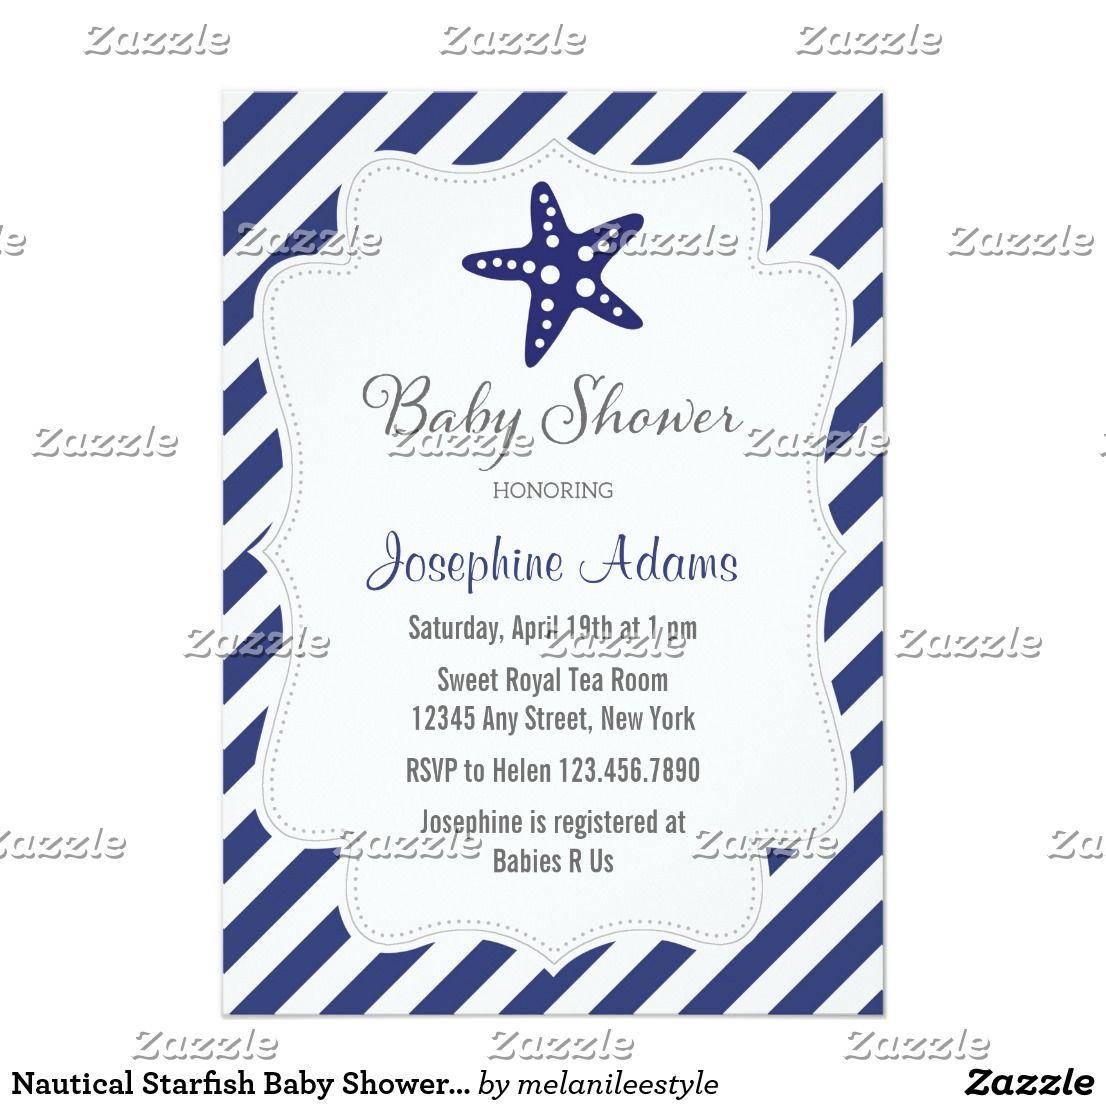 Nautical Starfish Baby Shower Invitation Navy Blue | Shower invitations